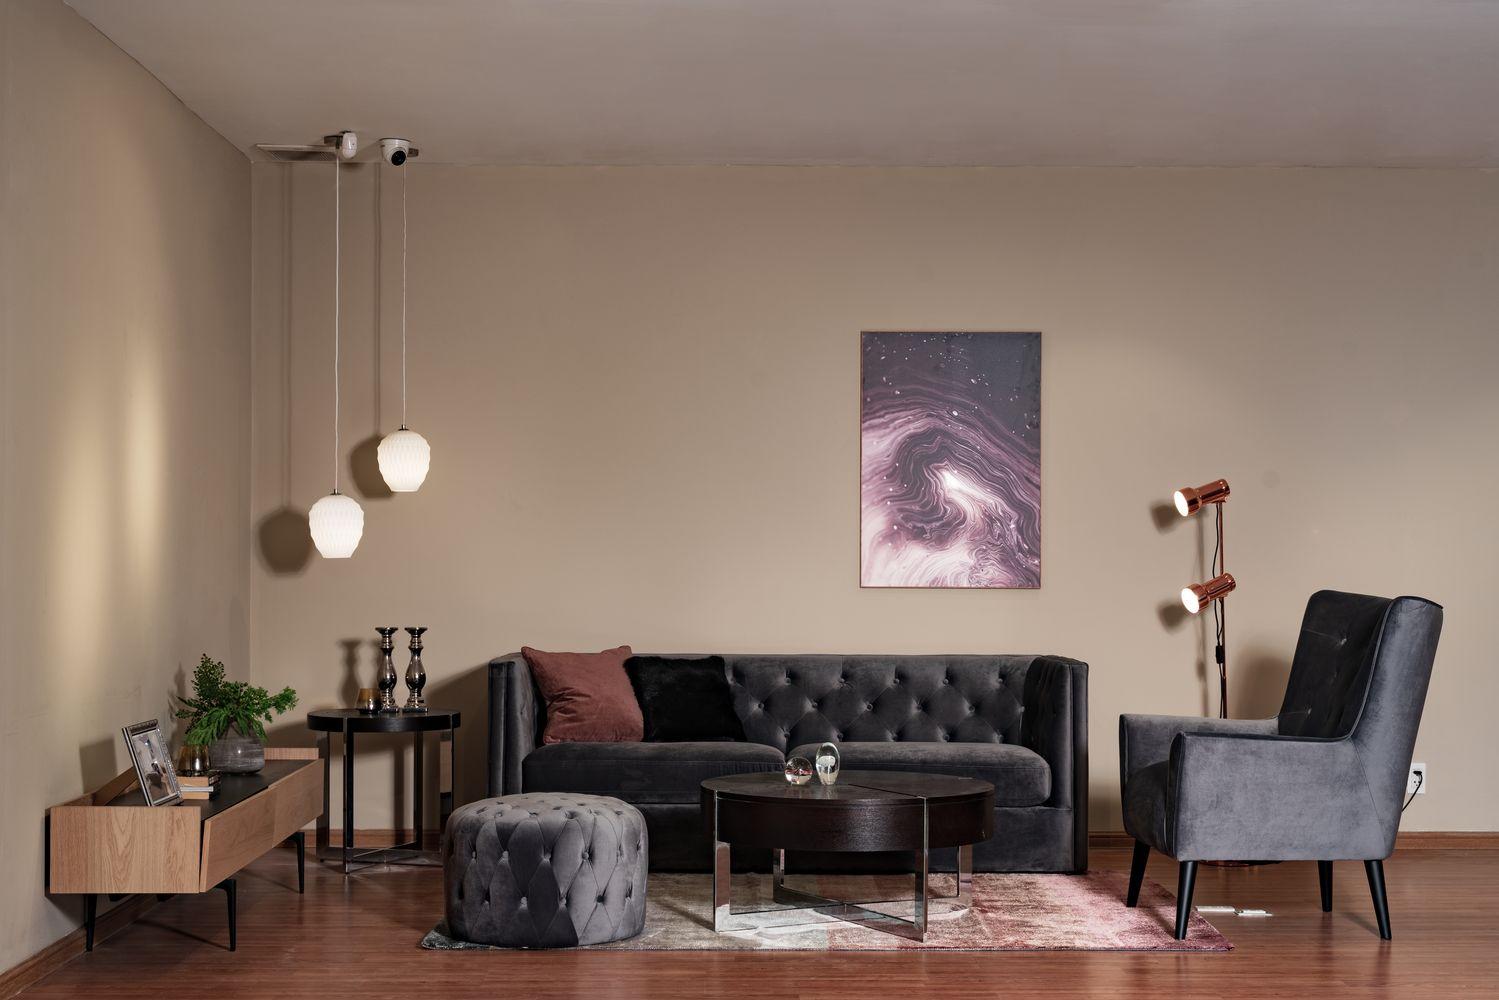 sofa 3 cho6 min - Top 10 Ghế Sofa 3 Chỗ Đáng Mua Nhất Hiện Nay Phù Hợp Với Mọi Gia Đình